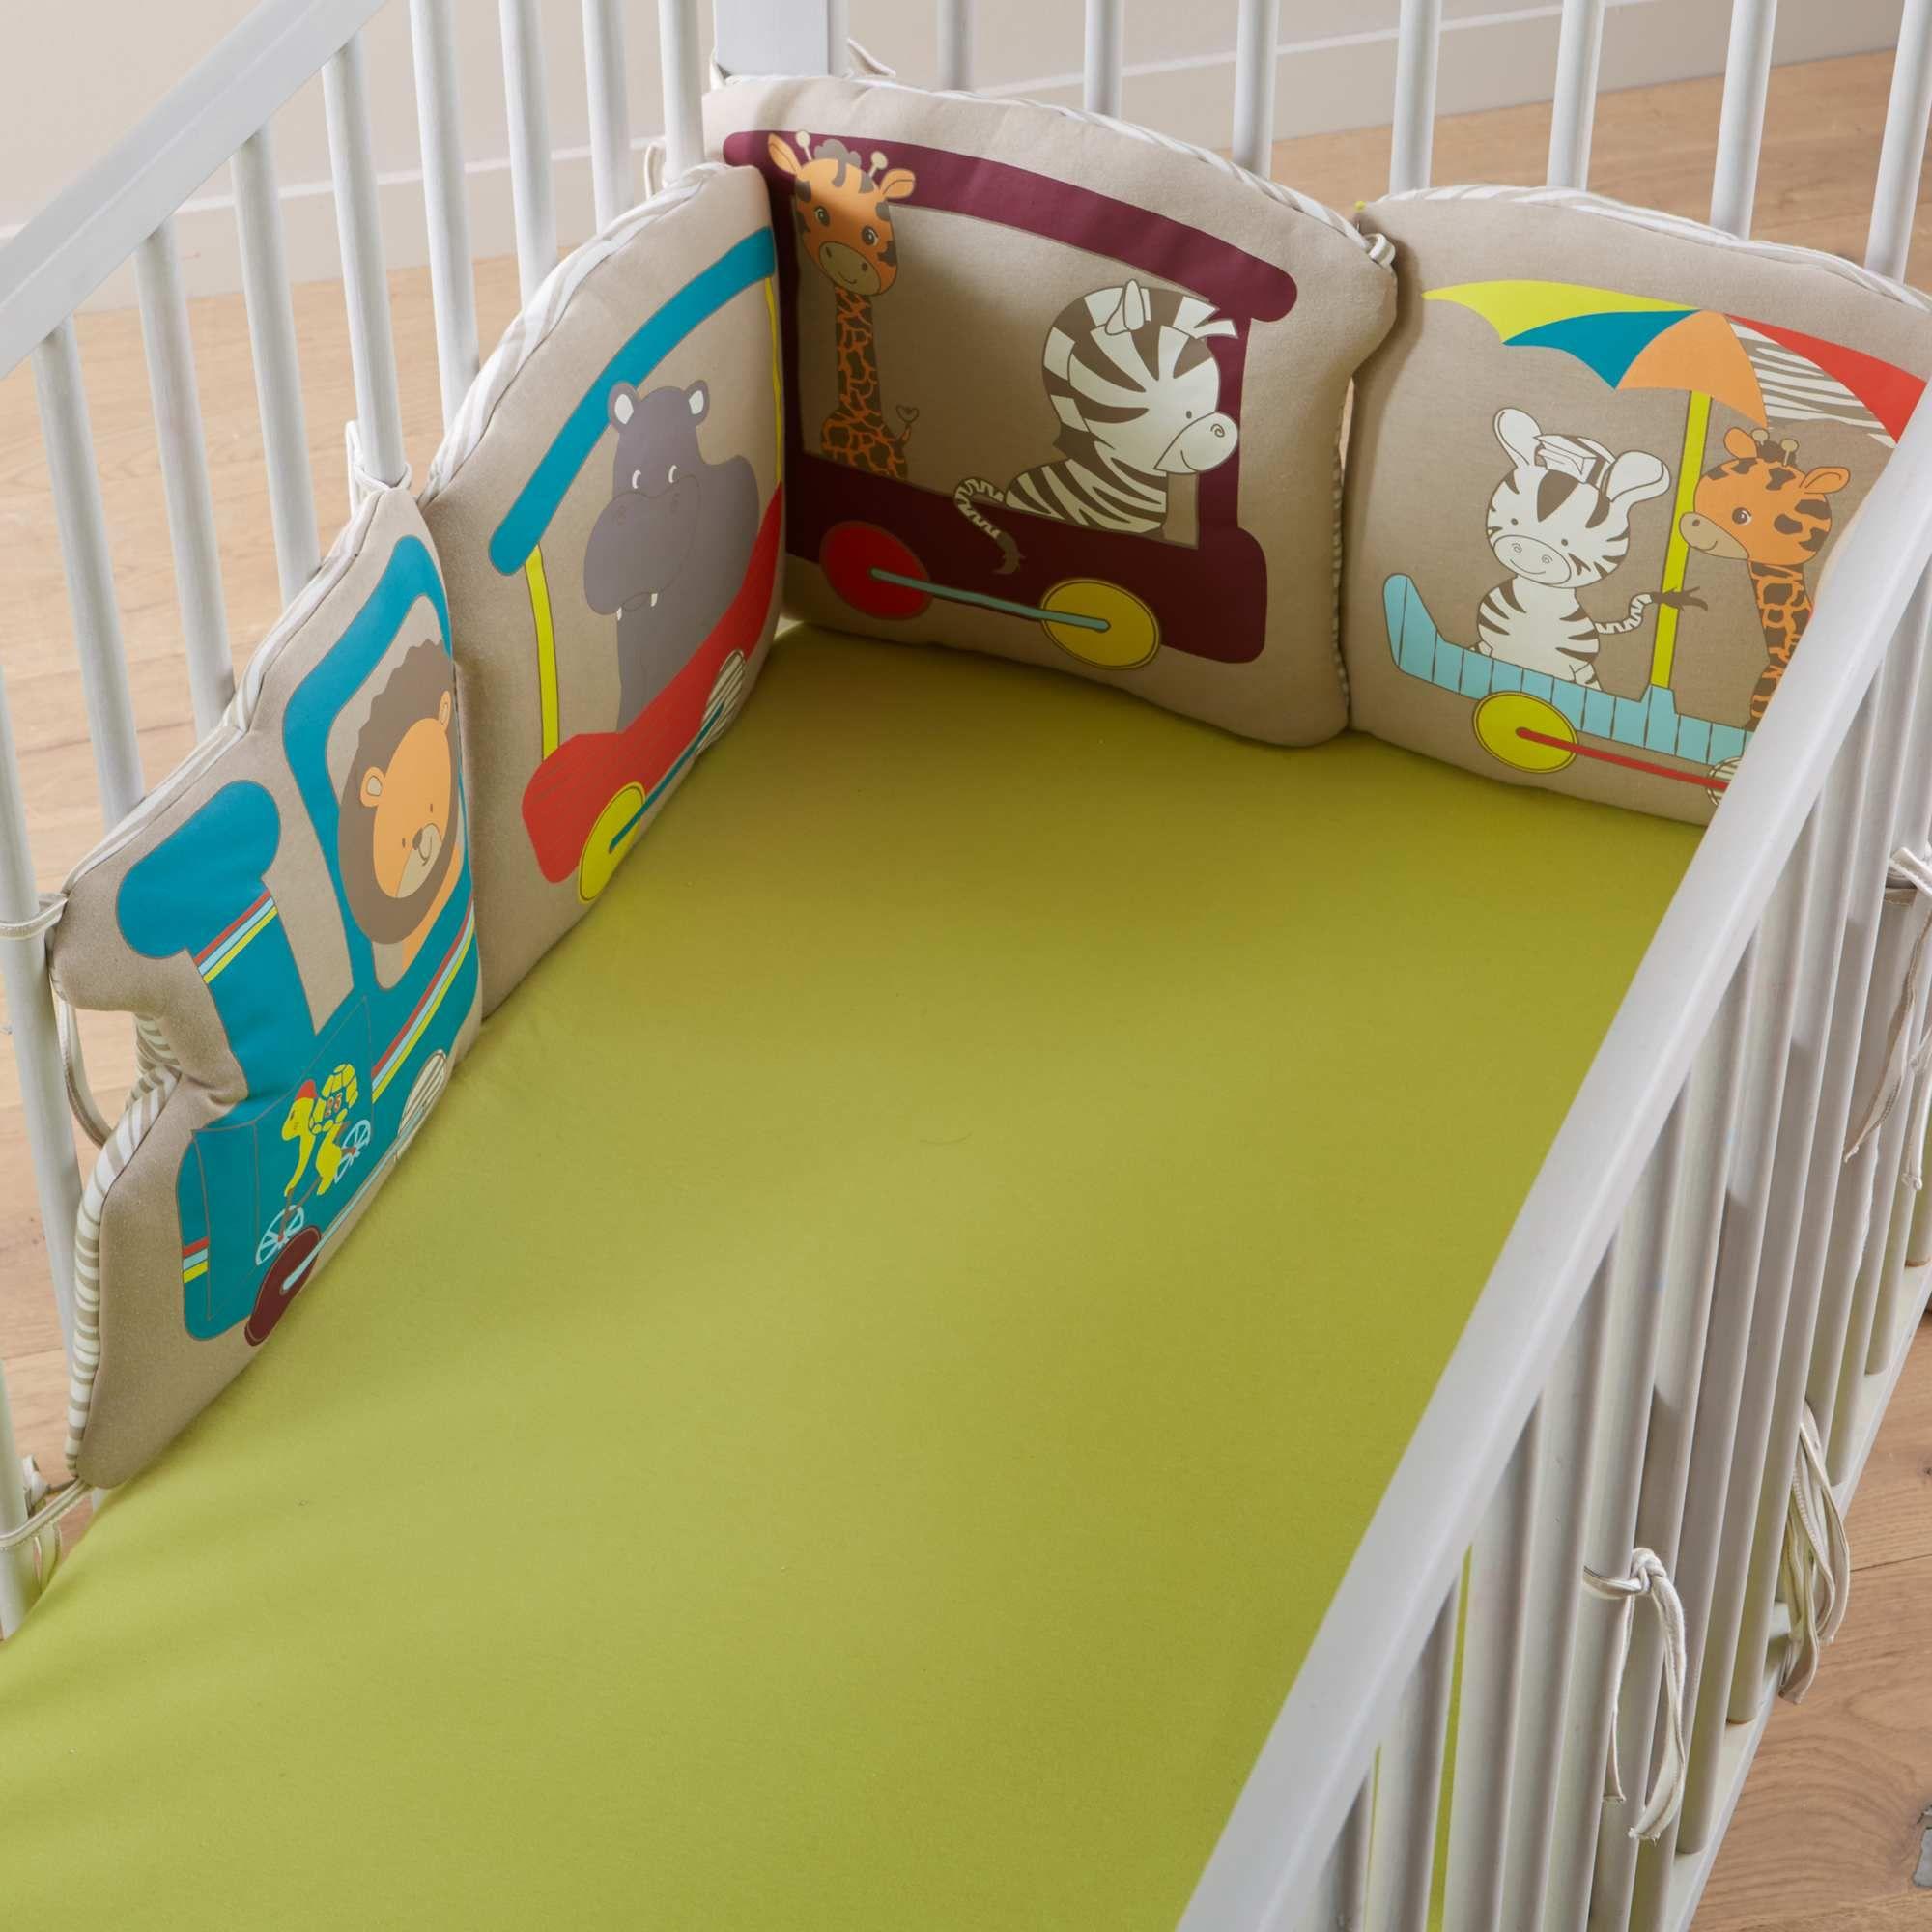 tour de lit bébé garçon kiabi Tour de lit 6 coussins Bébé garçon   Kiabi   24,99€ | enfant  tour de lit bébé garçon kiabi